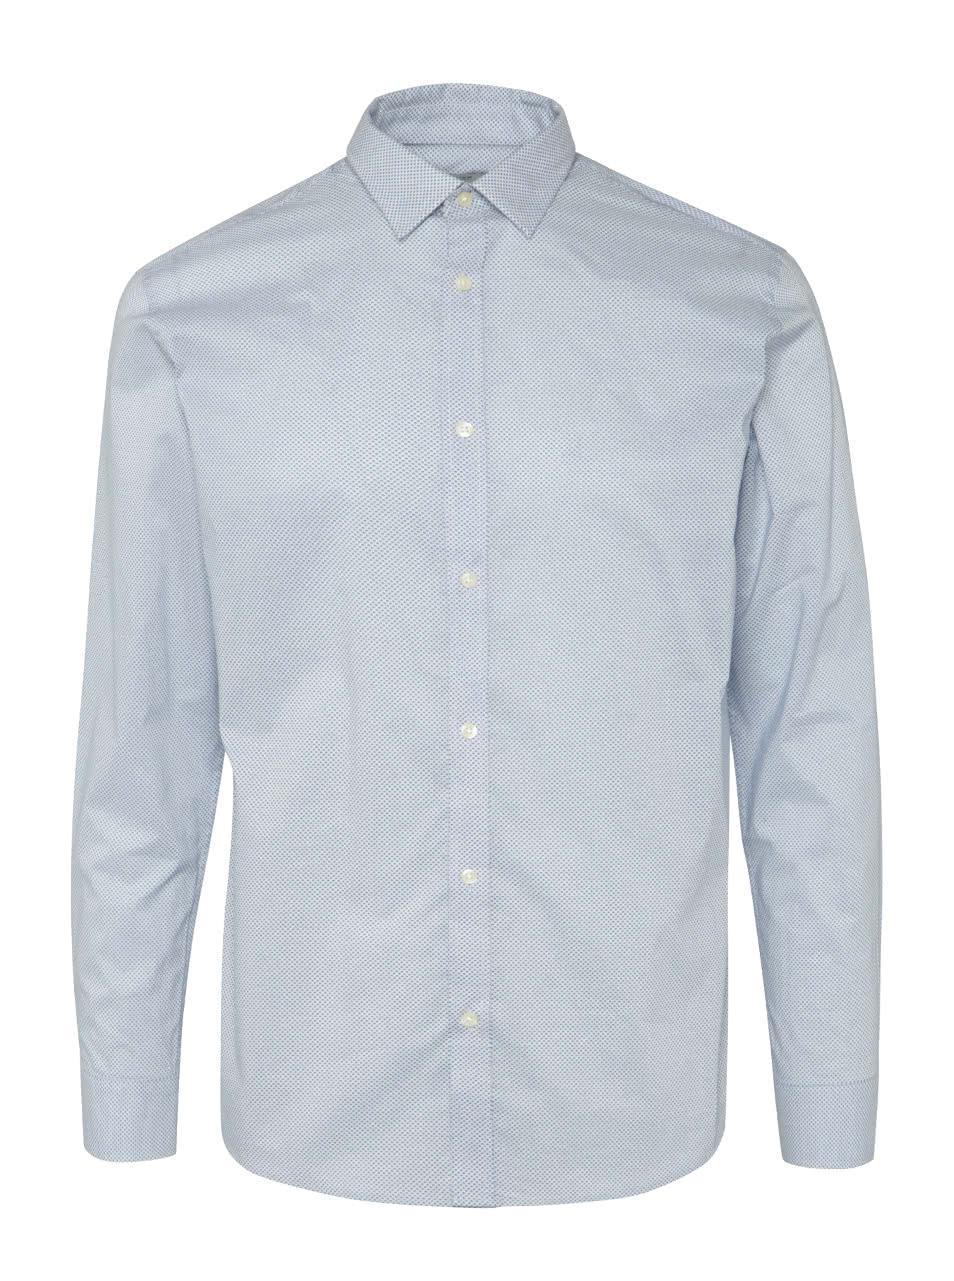 Světle modrá vzorovaná košile Jack   Jones Blackpool  83f79a8d2b